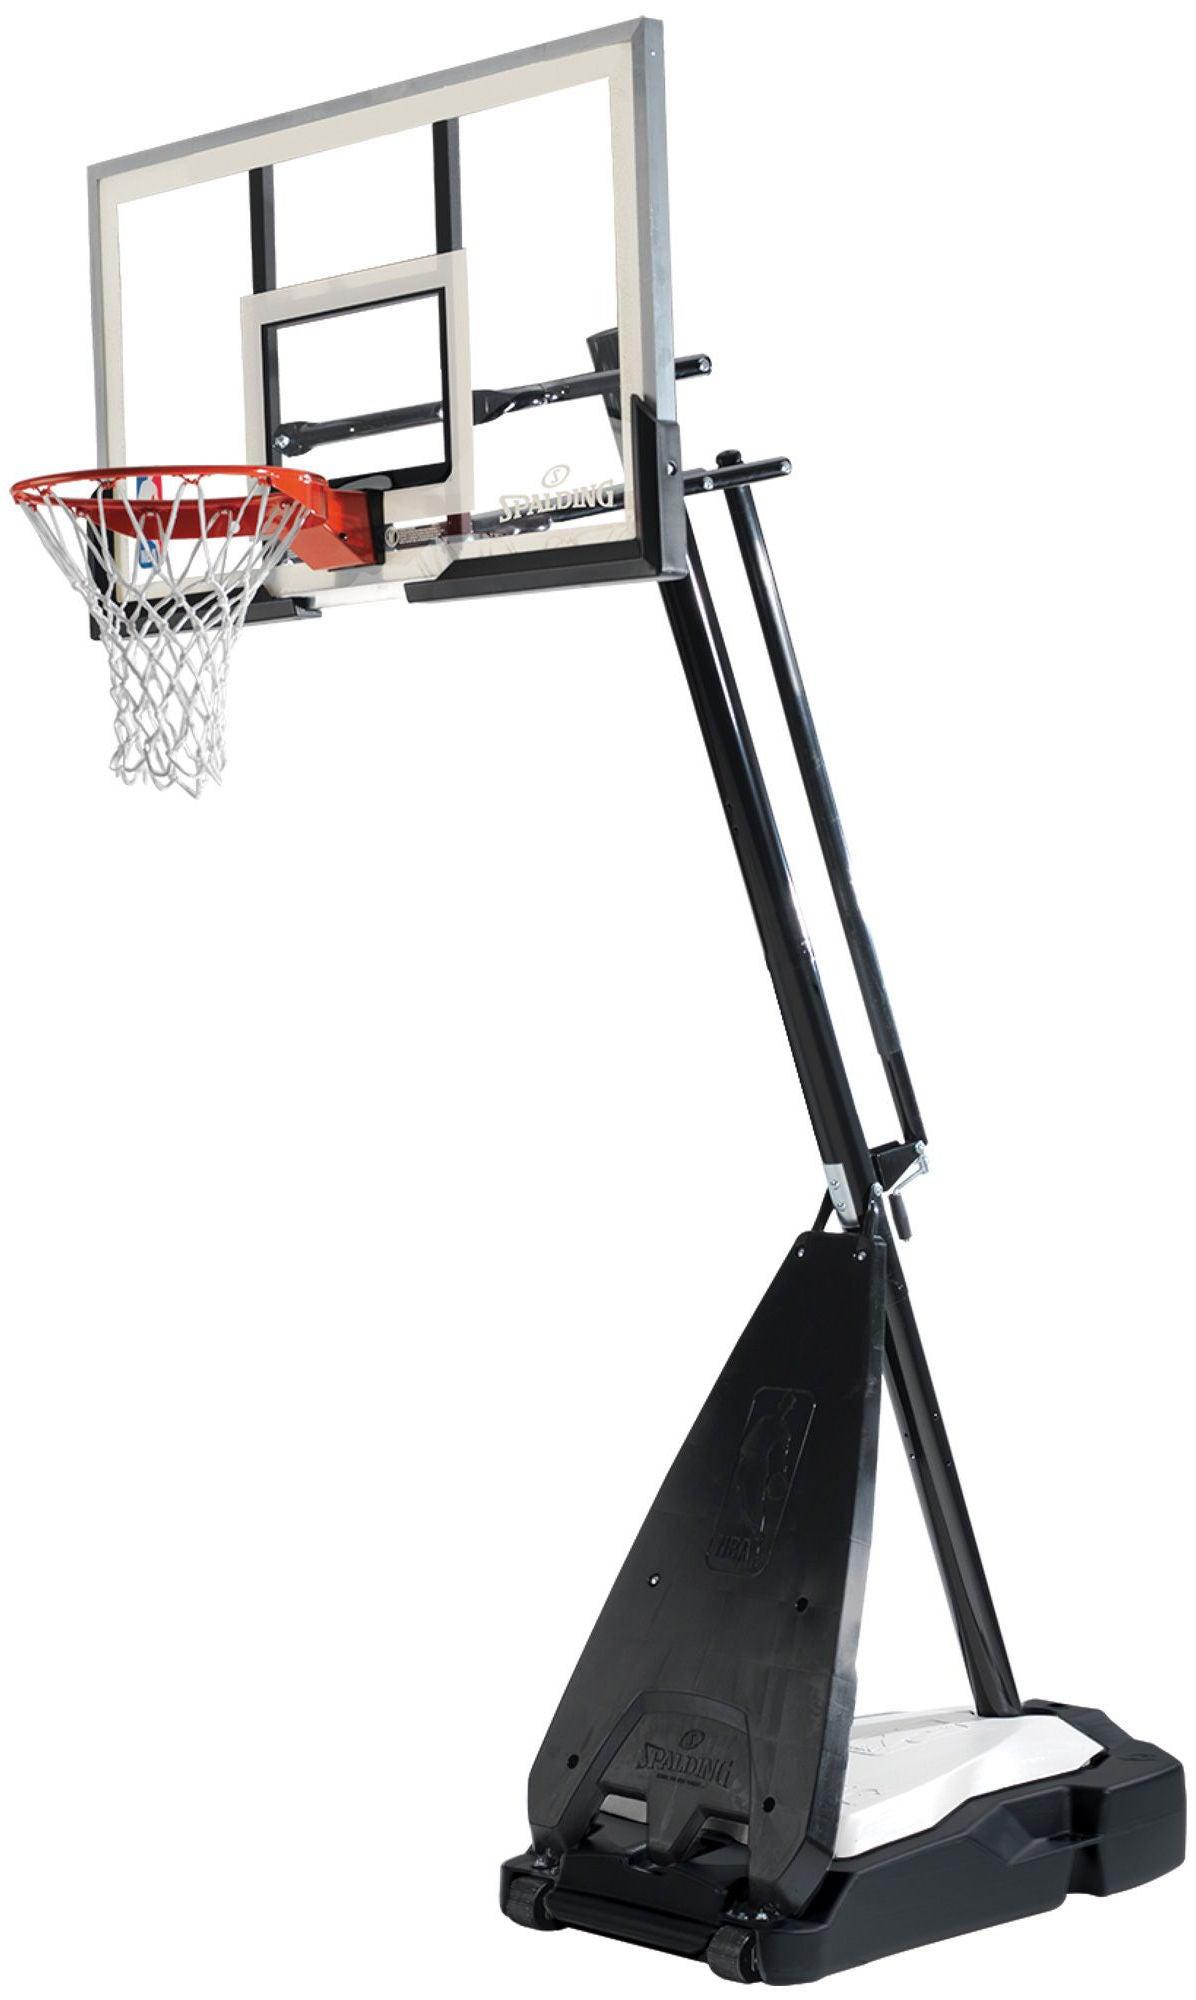 Spalding NBA Ultimate Hybrid Portabel Basketställning